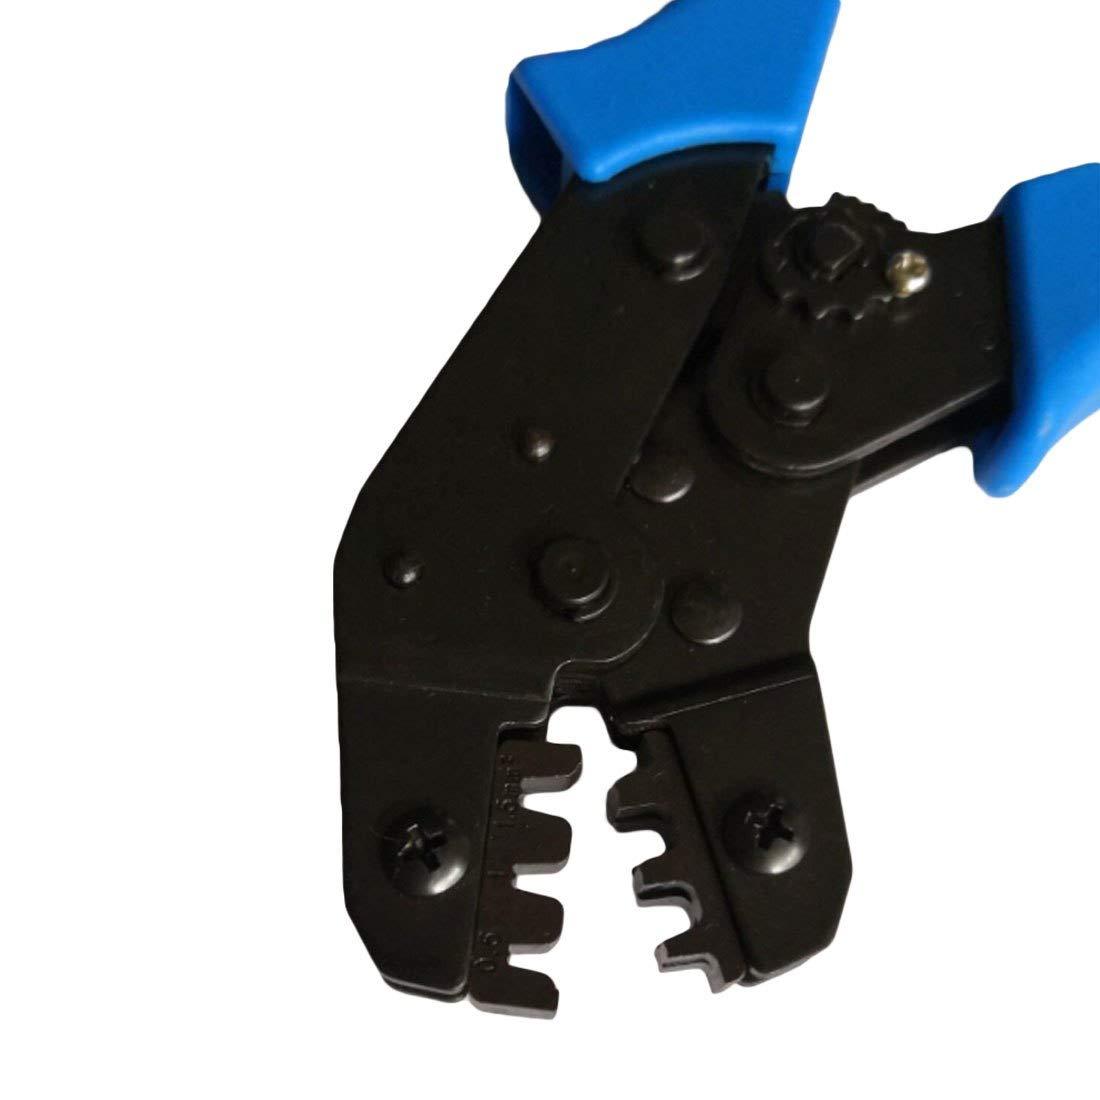 Outil de sertissage mini pince /à sertir manuelle de 8 pouces SN-48B 0.5-1.5mm de style mini outil multi-outils /à main